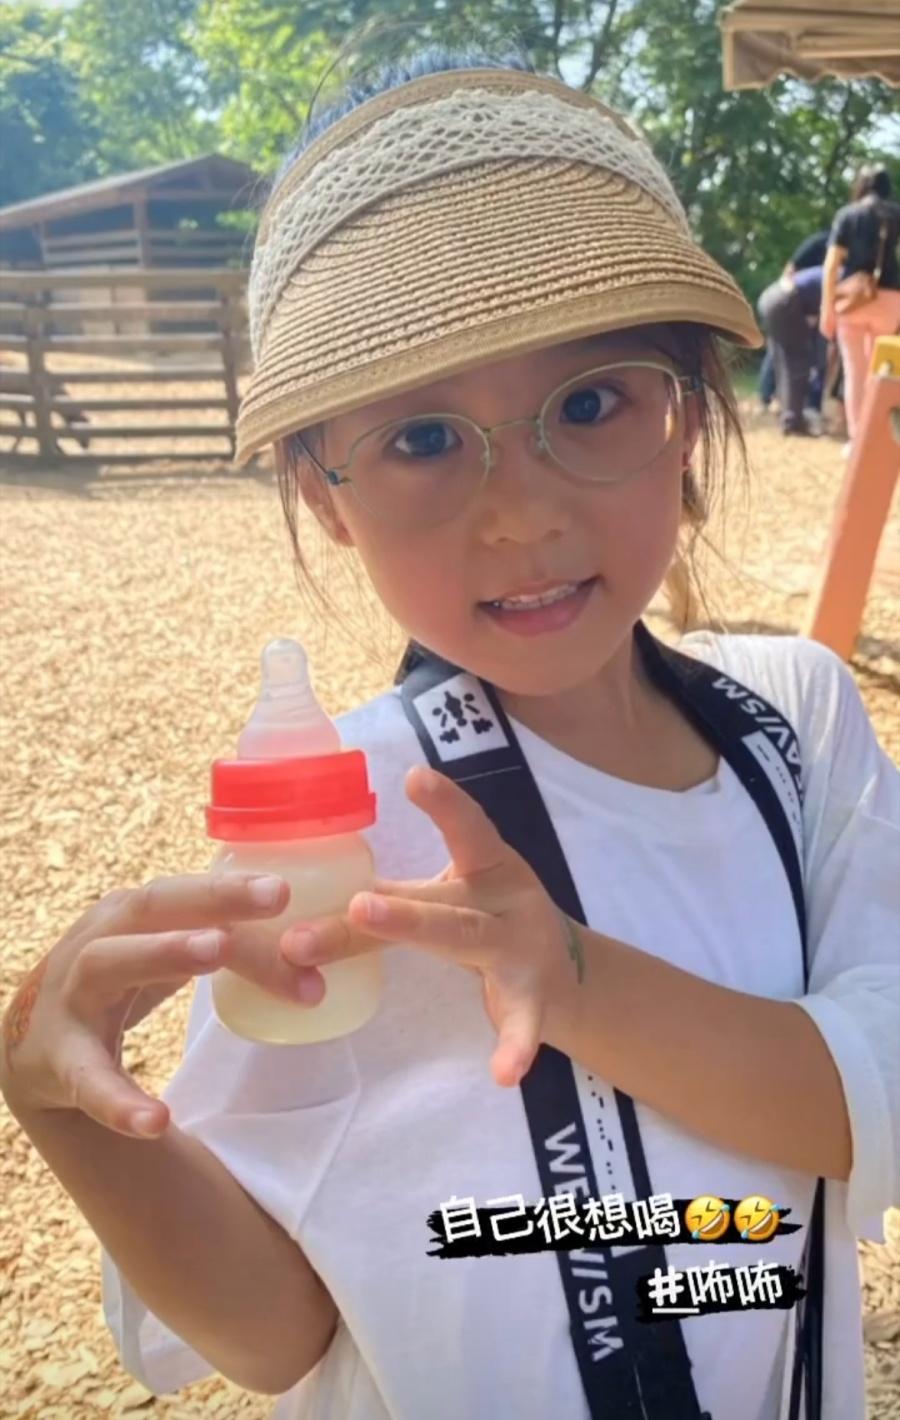 賈靜雯帶三個女兒外出遊玩,咘咘和波妞掛梧桐妹身上,畫面超有愛